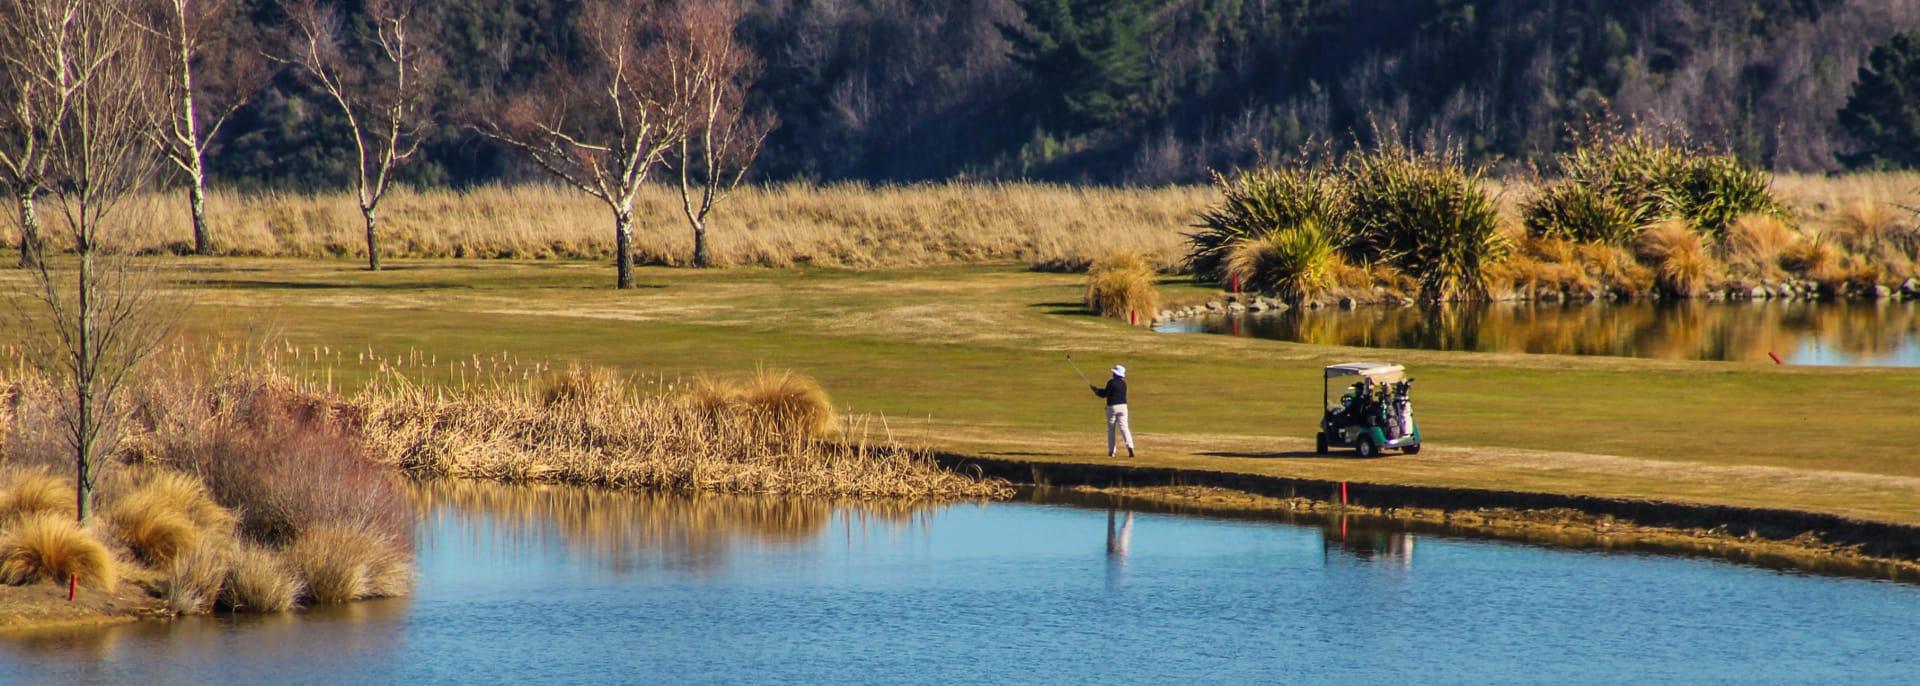 Neuseeland, Golfreisen, Knecht Reisen